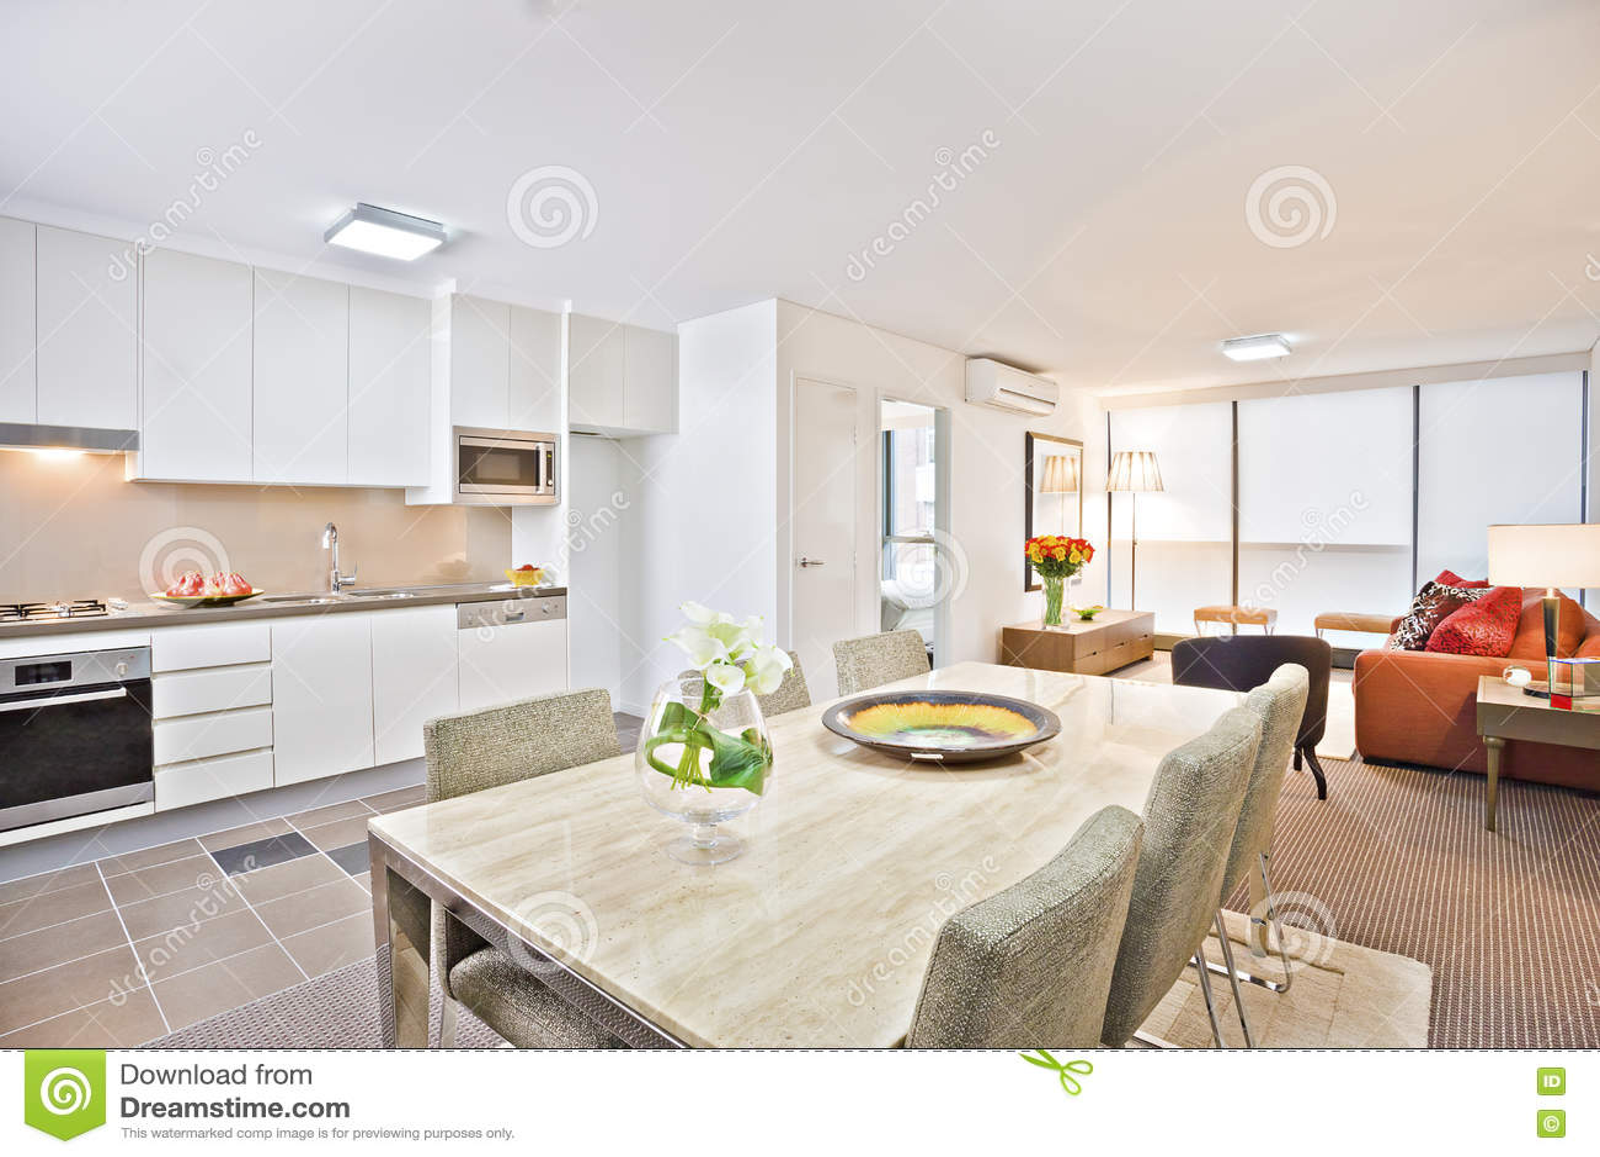 Moderne Witte Eettafel.Luxekeuken Met Witte Eettafel En Bank Stock Afbeelding